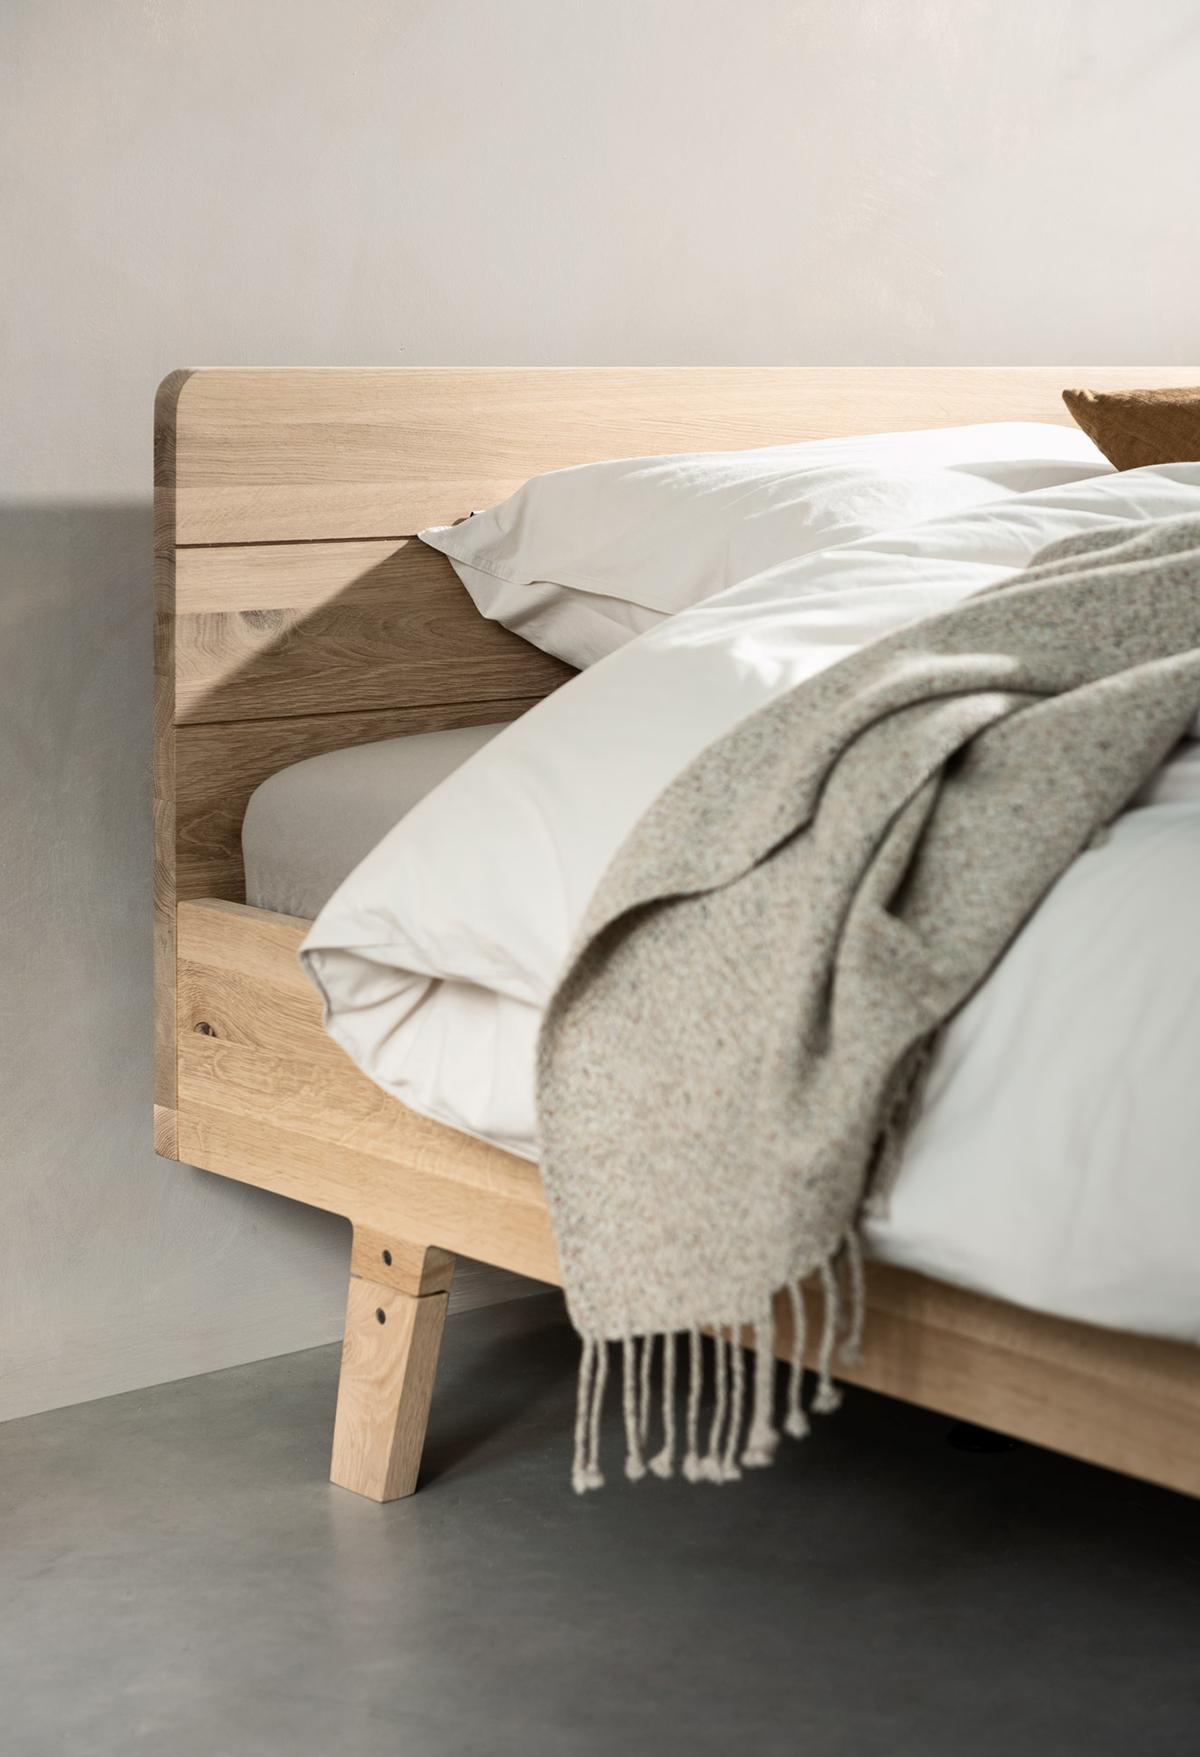 slaapkamer houten bed focus eikenhout schuin pootje Swiss Sense